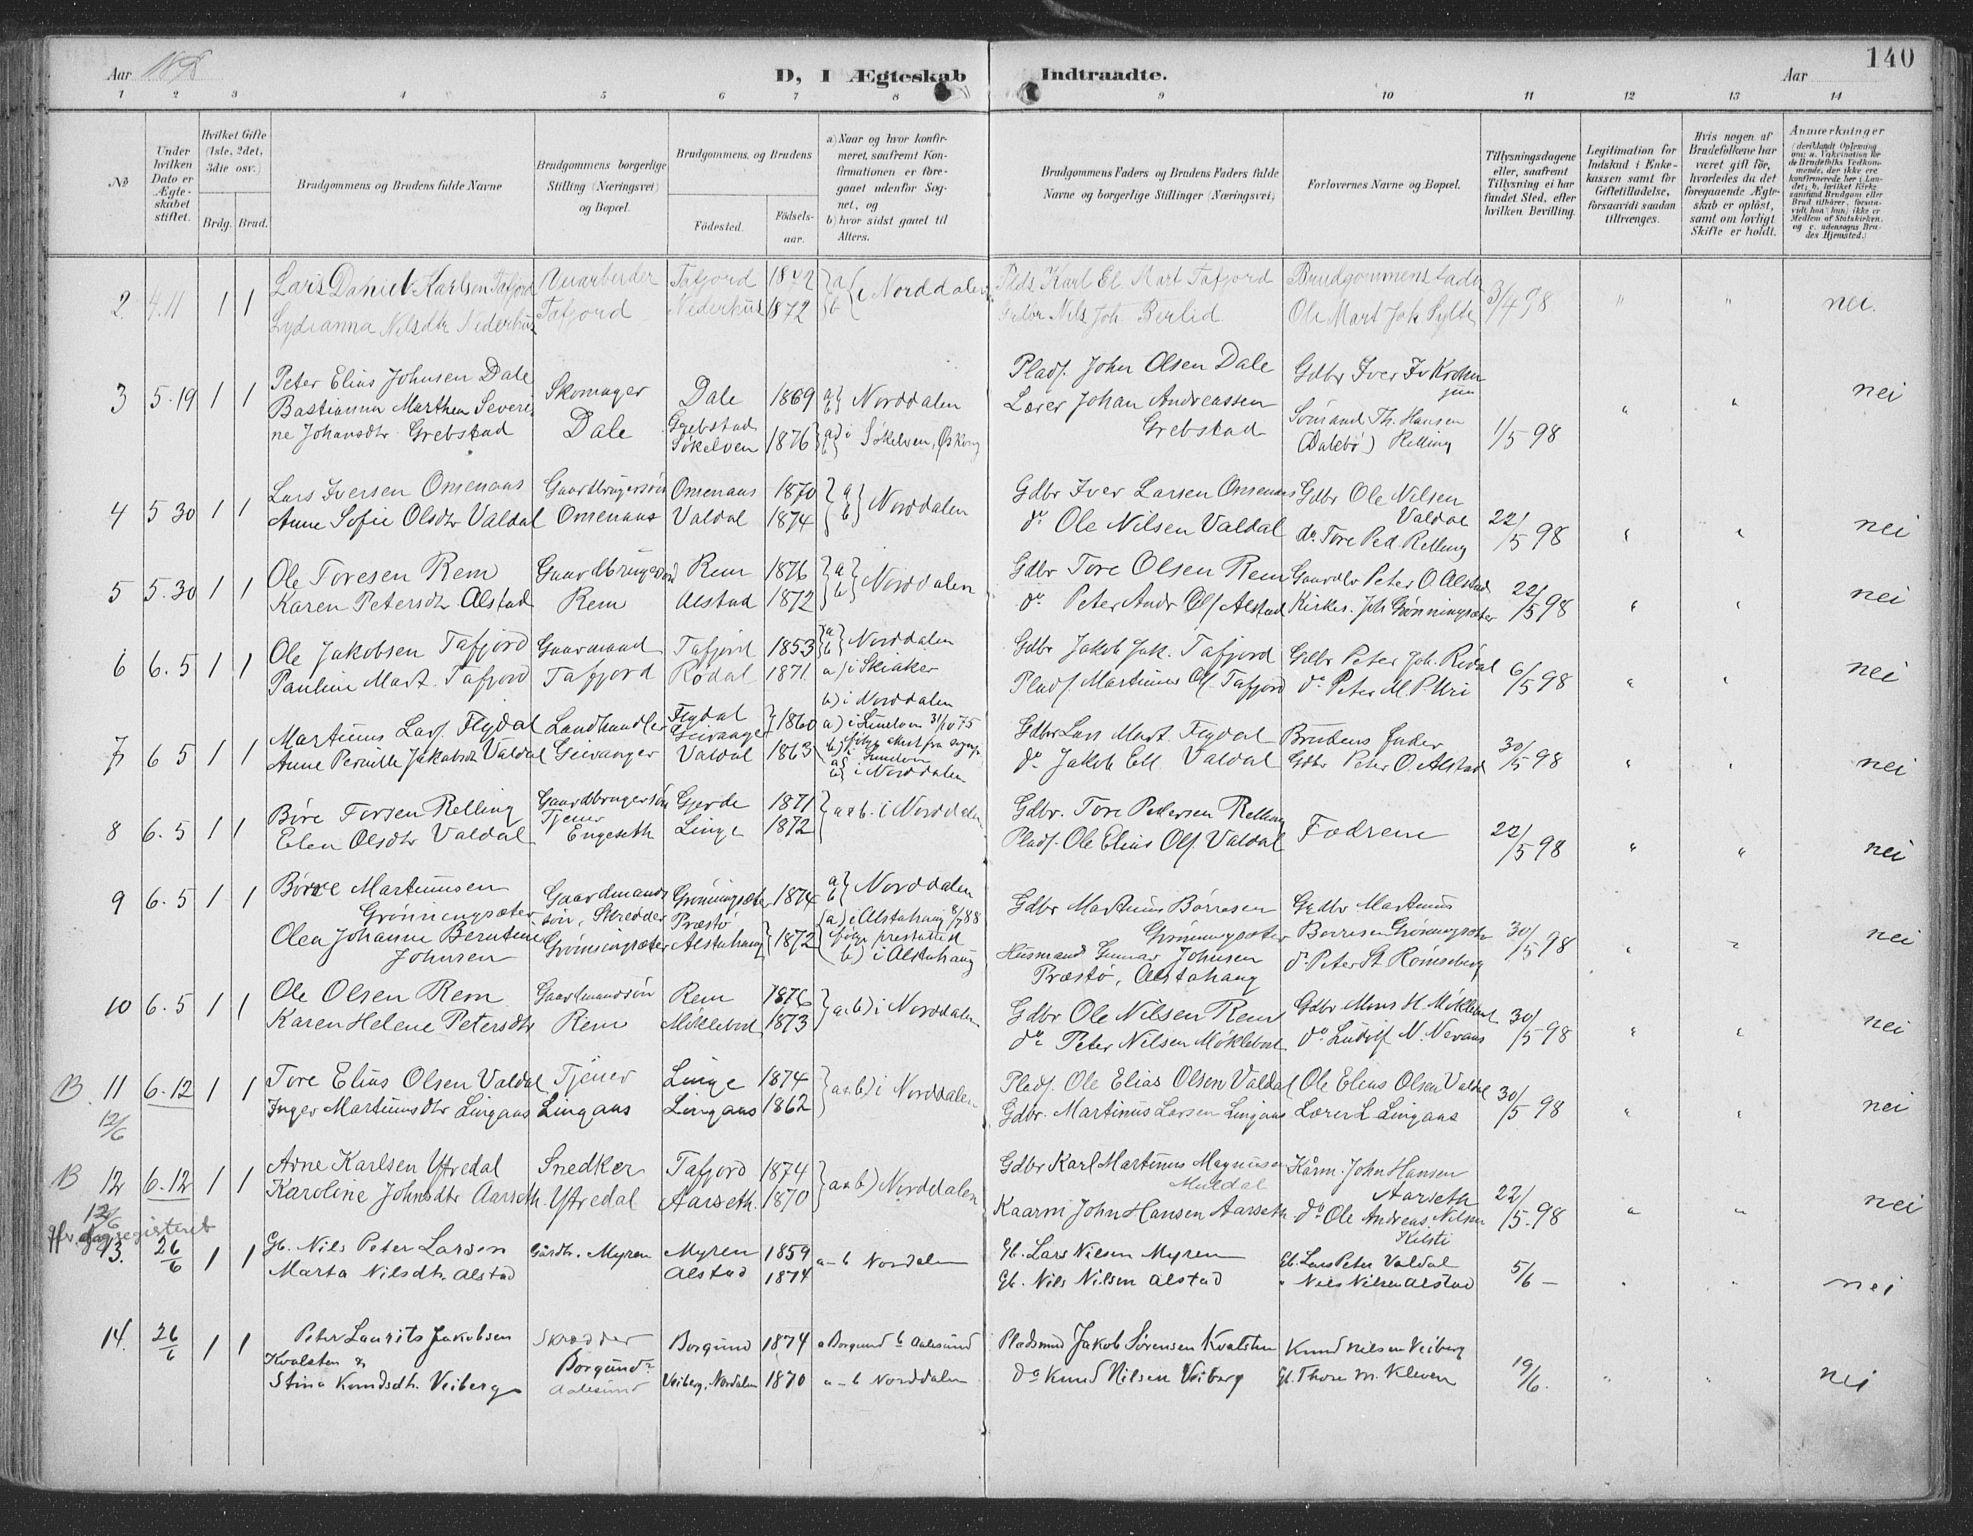 SAT, Ministerialprotokoller, klokkerbøker og fødselsregistre - Møre og Romsdal, 519/L0256: Ministerialbok nr. 519A15, 1895-1912, s. 140